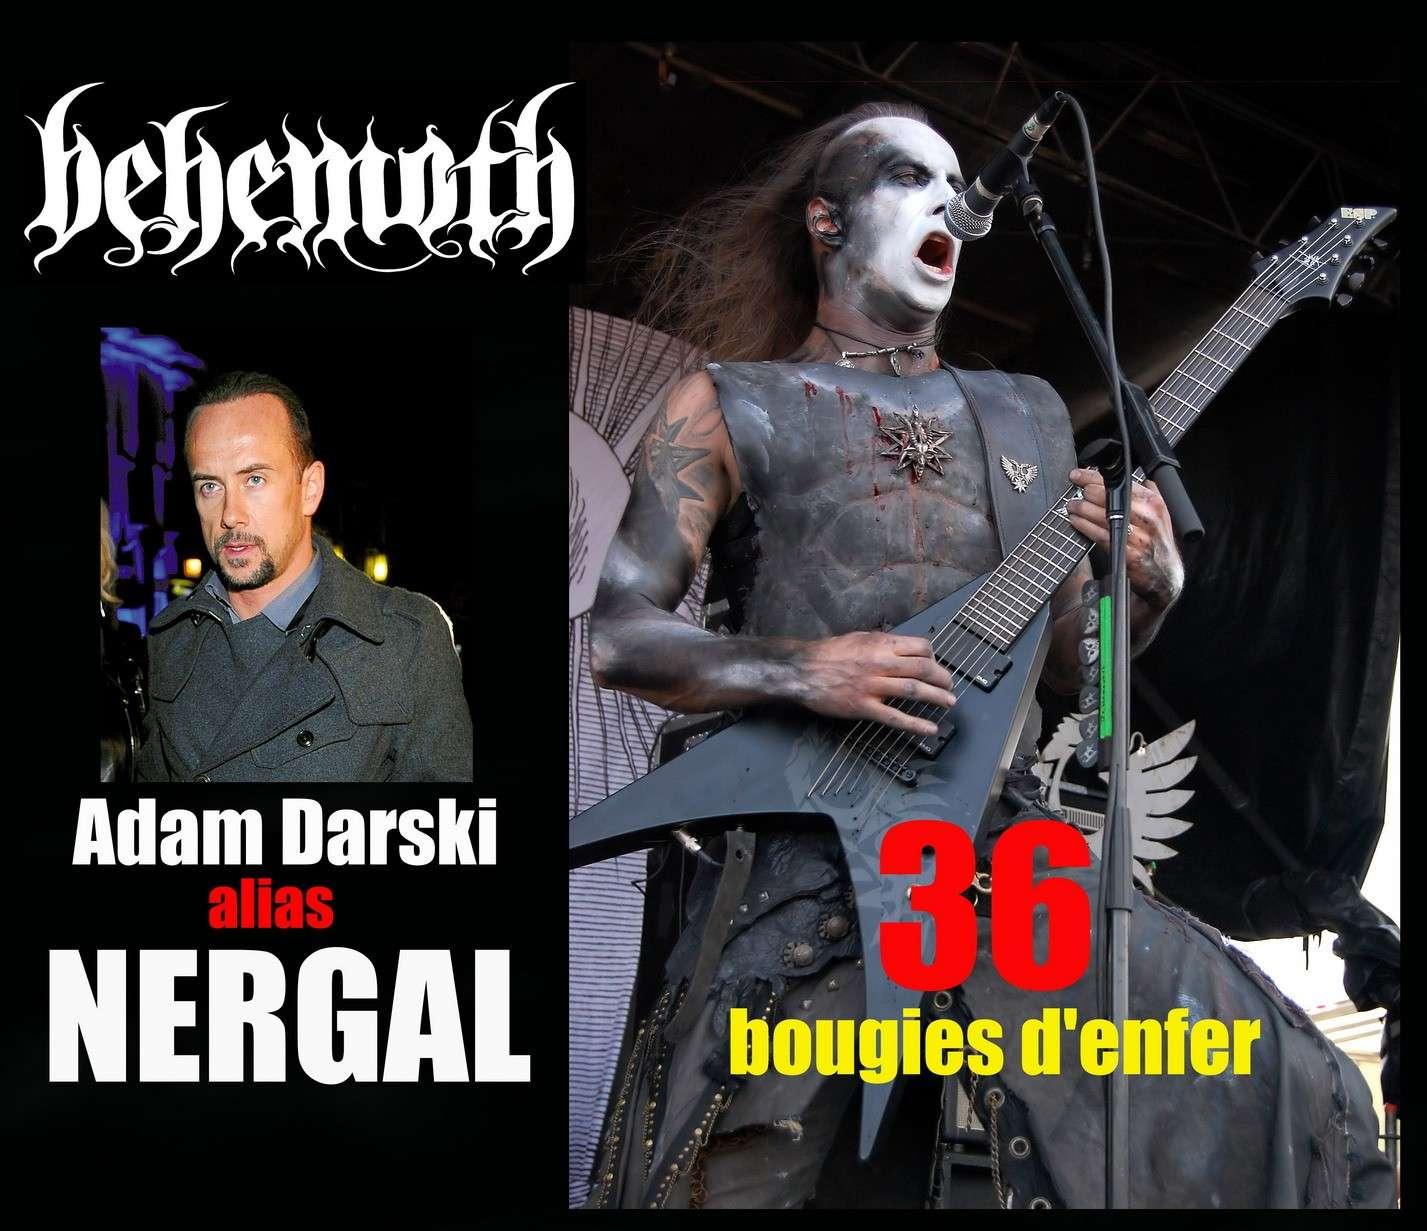 Les NEWS du METAL en VRAC ... - Page 3 Nergal10